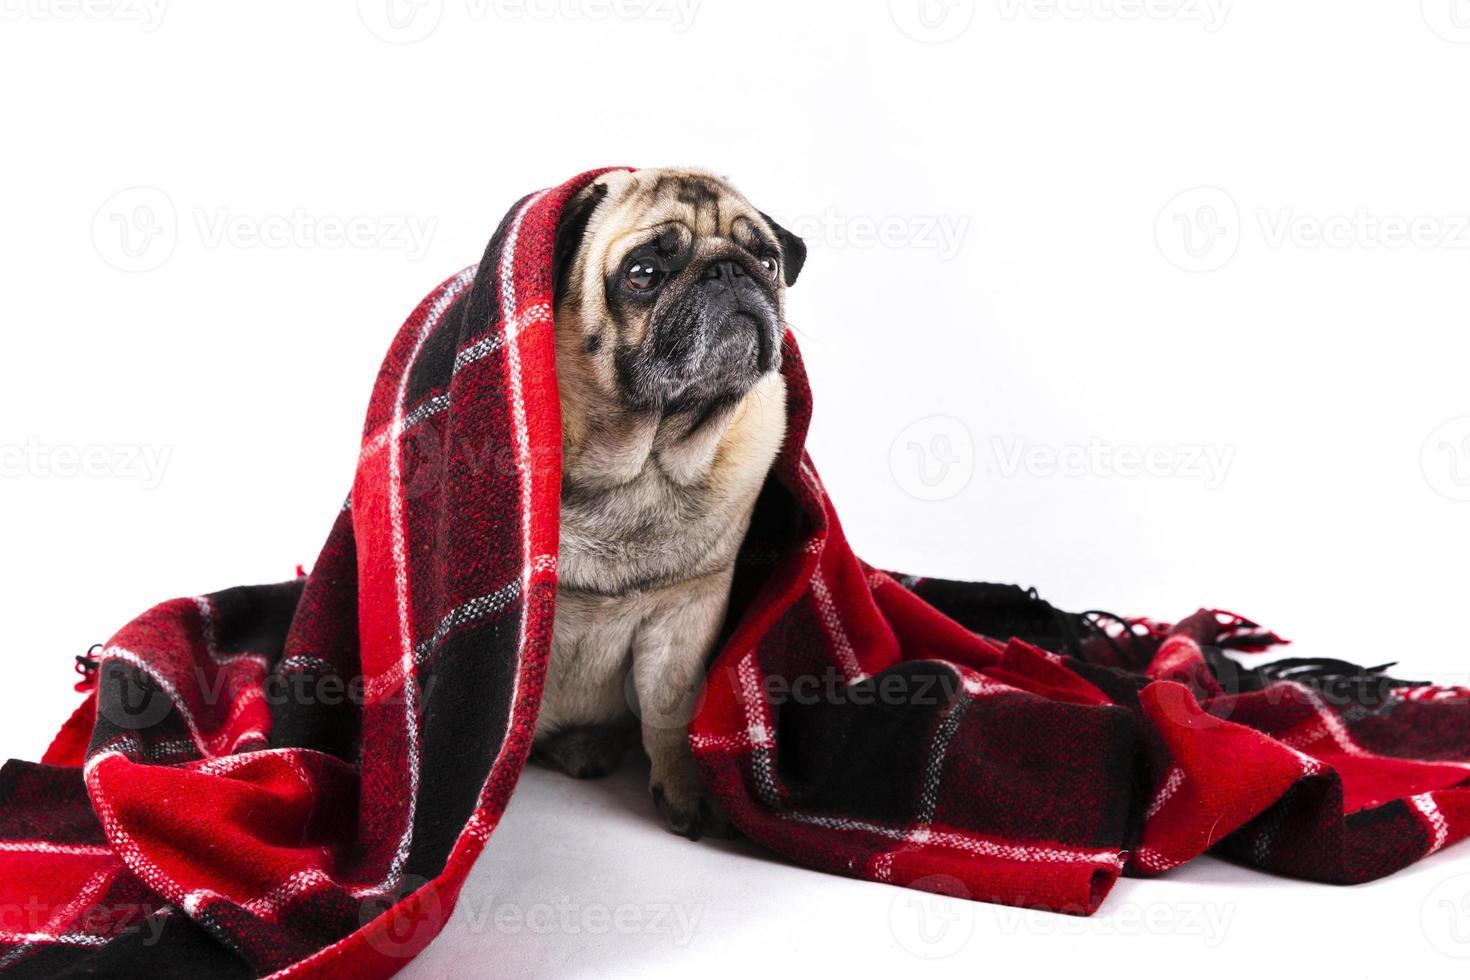 söt mopshund täckt med röd och svart filt foto